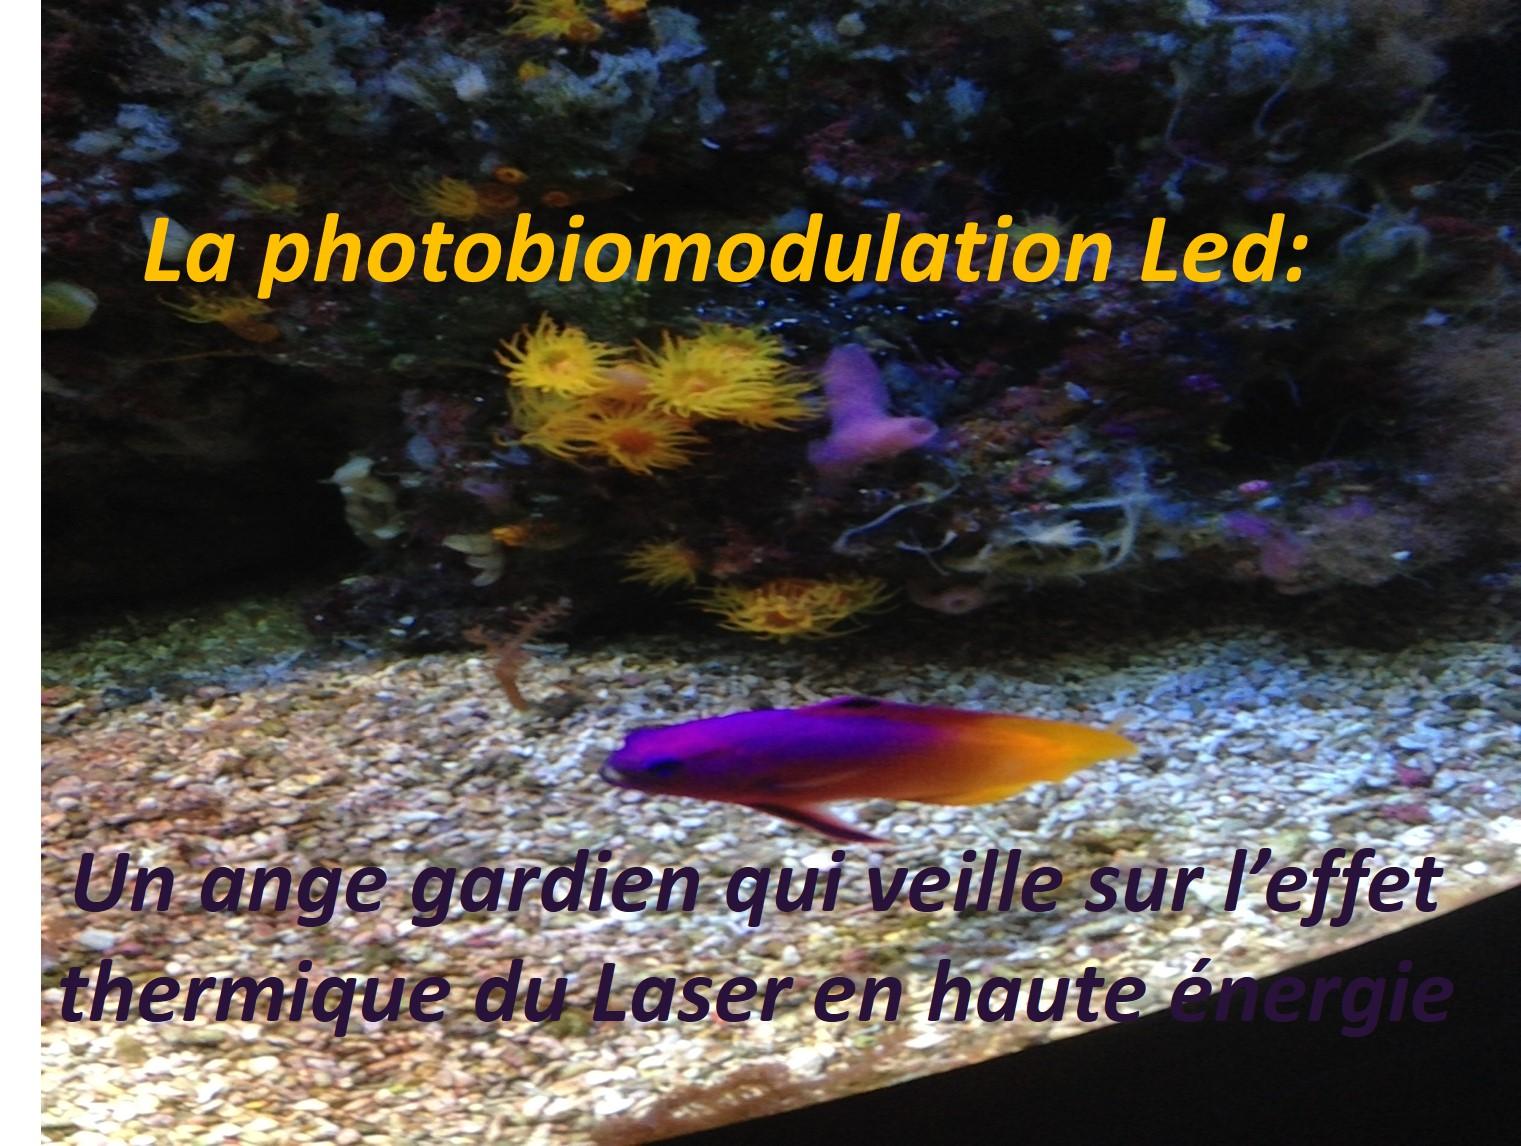 La Photobiomodulation Led: Un ange gardien qui veille sur l'effet thermique du Laser en haute énergie - DR Pablo NARANJO